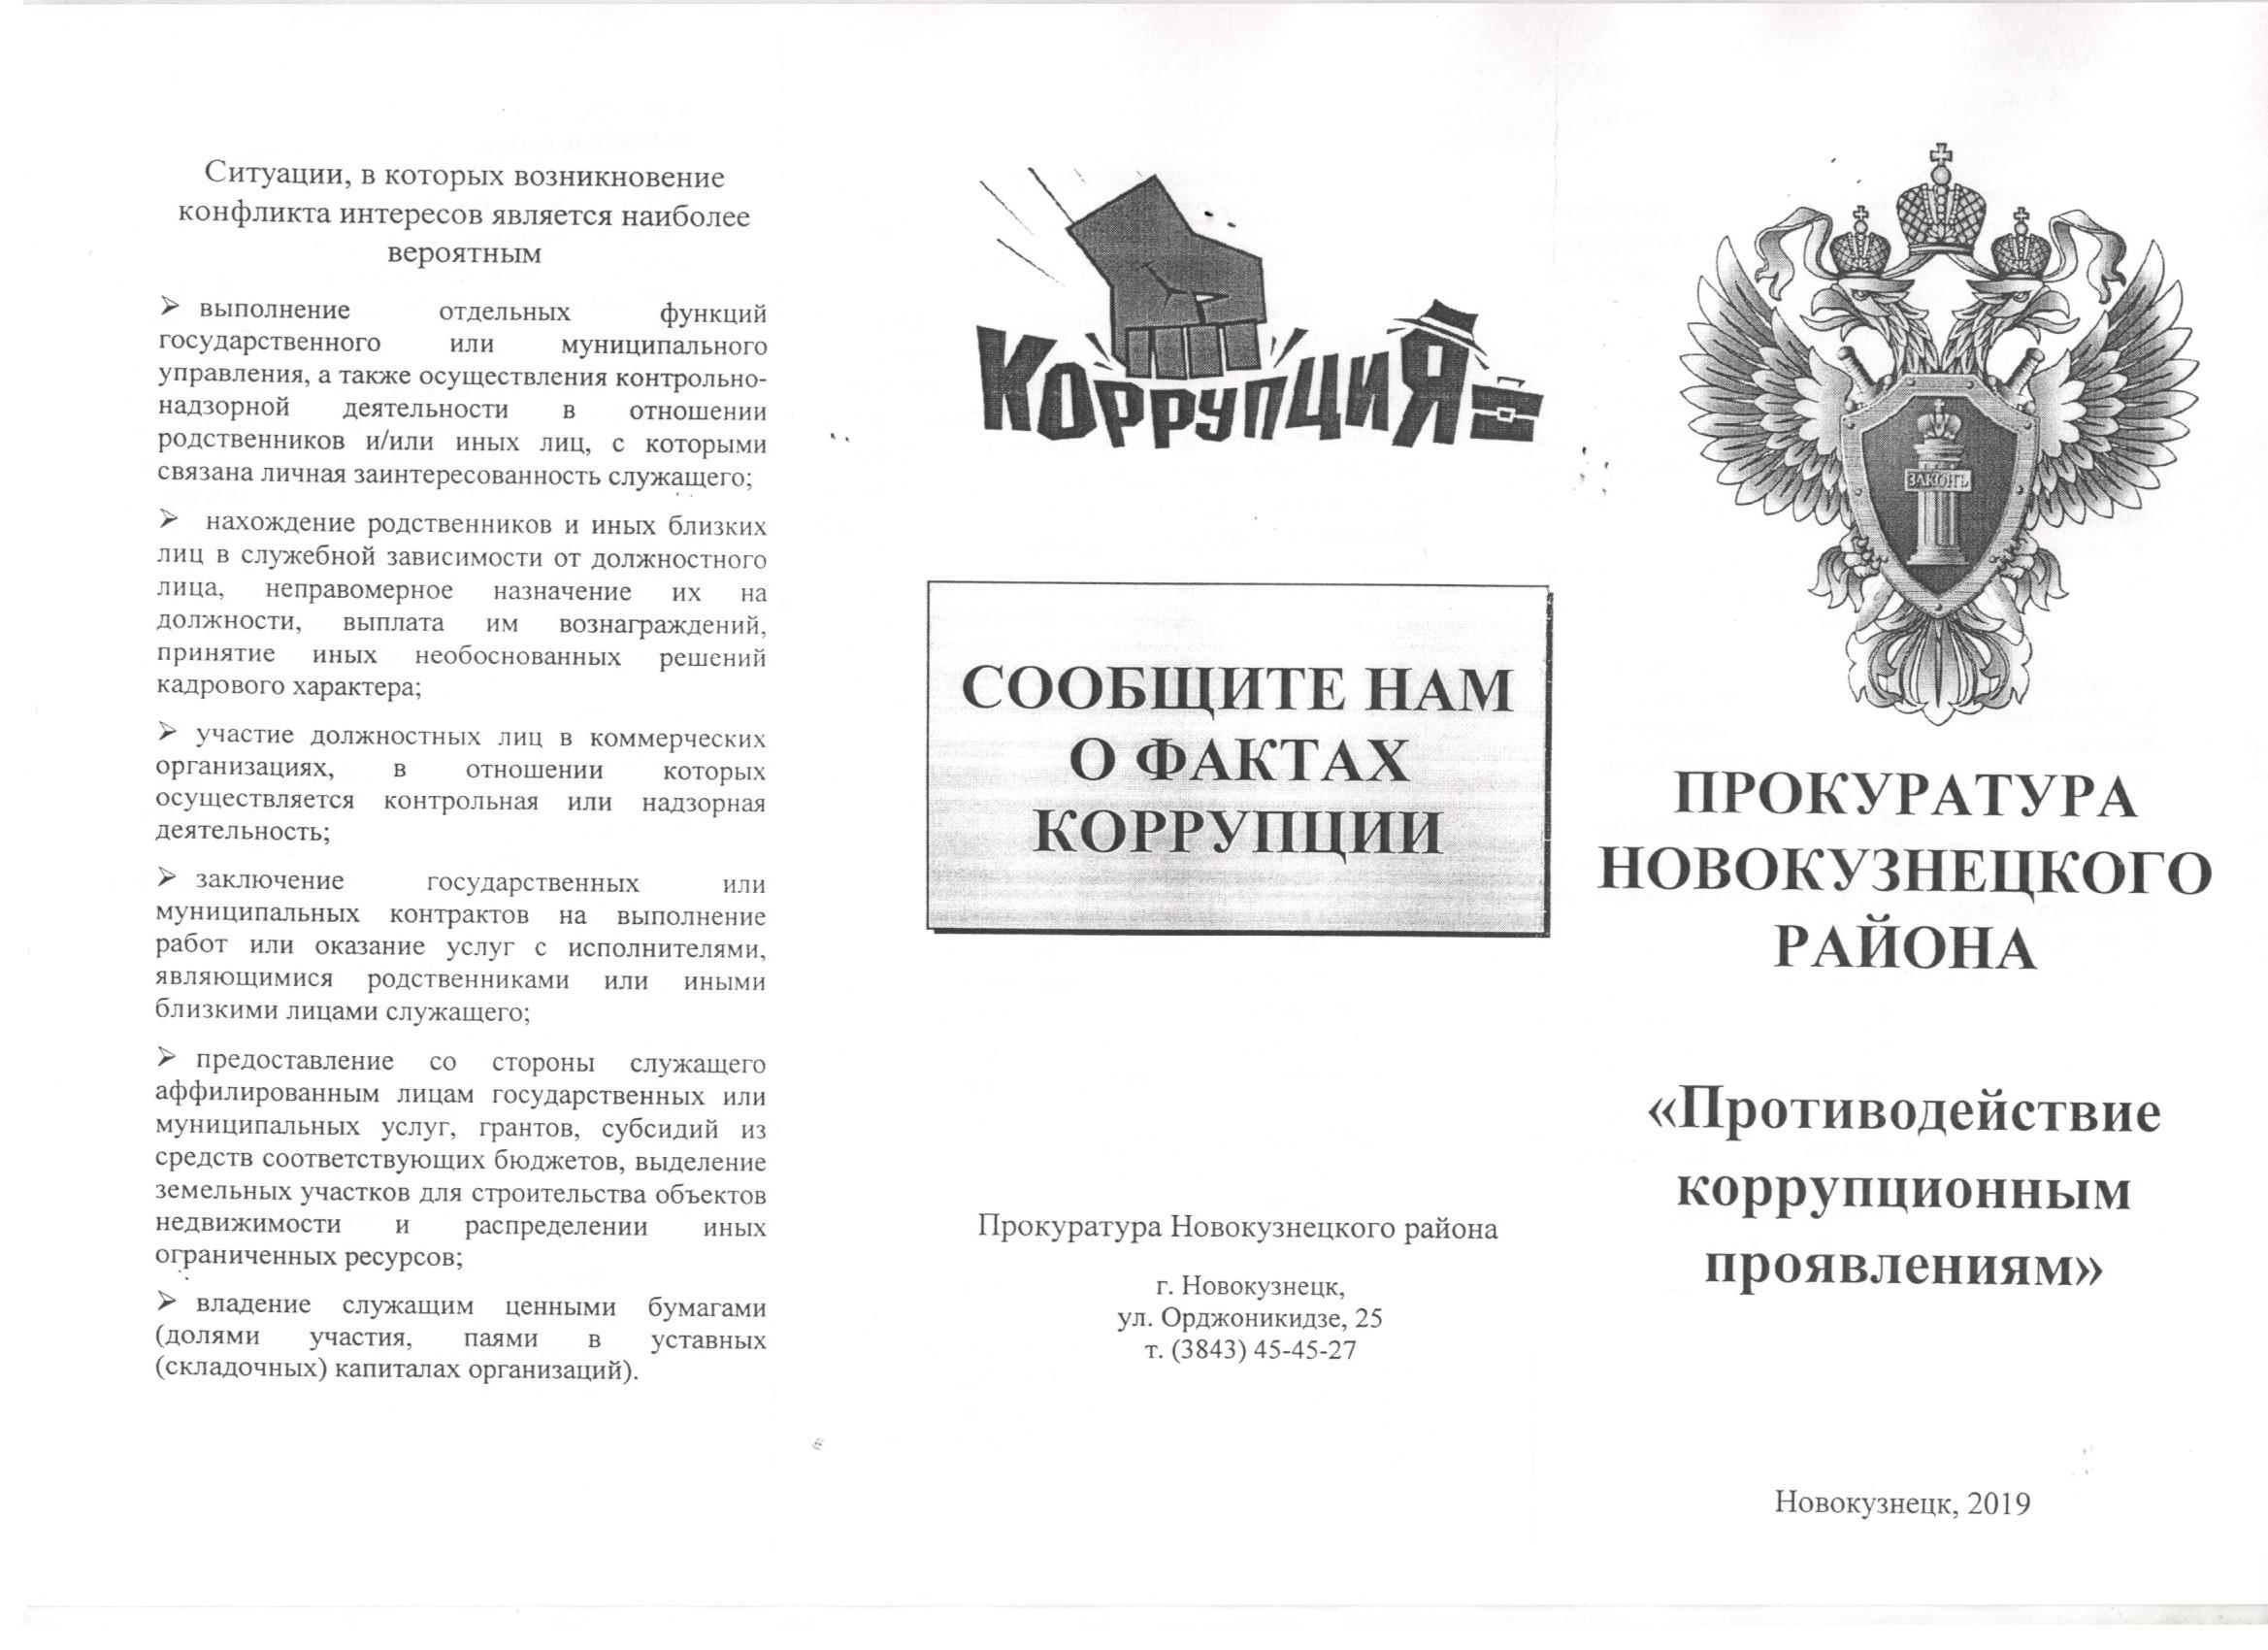 Прокуратура Новокузнецкого района